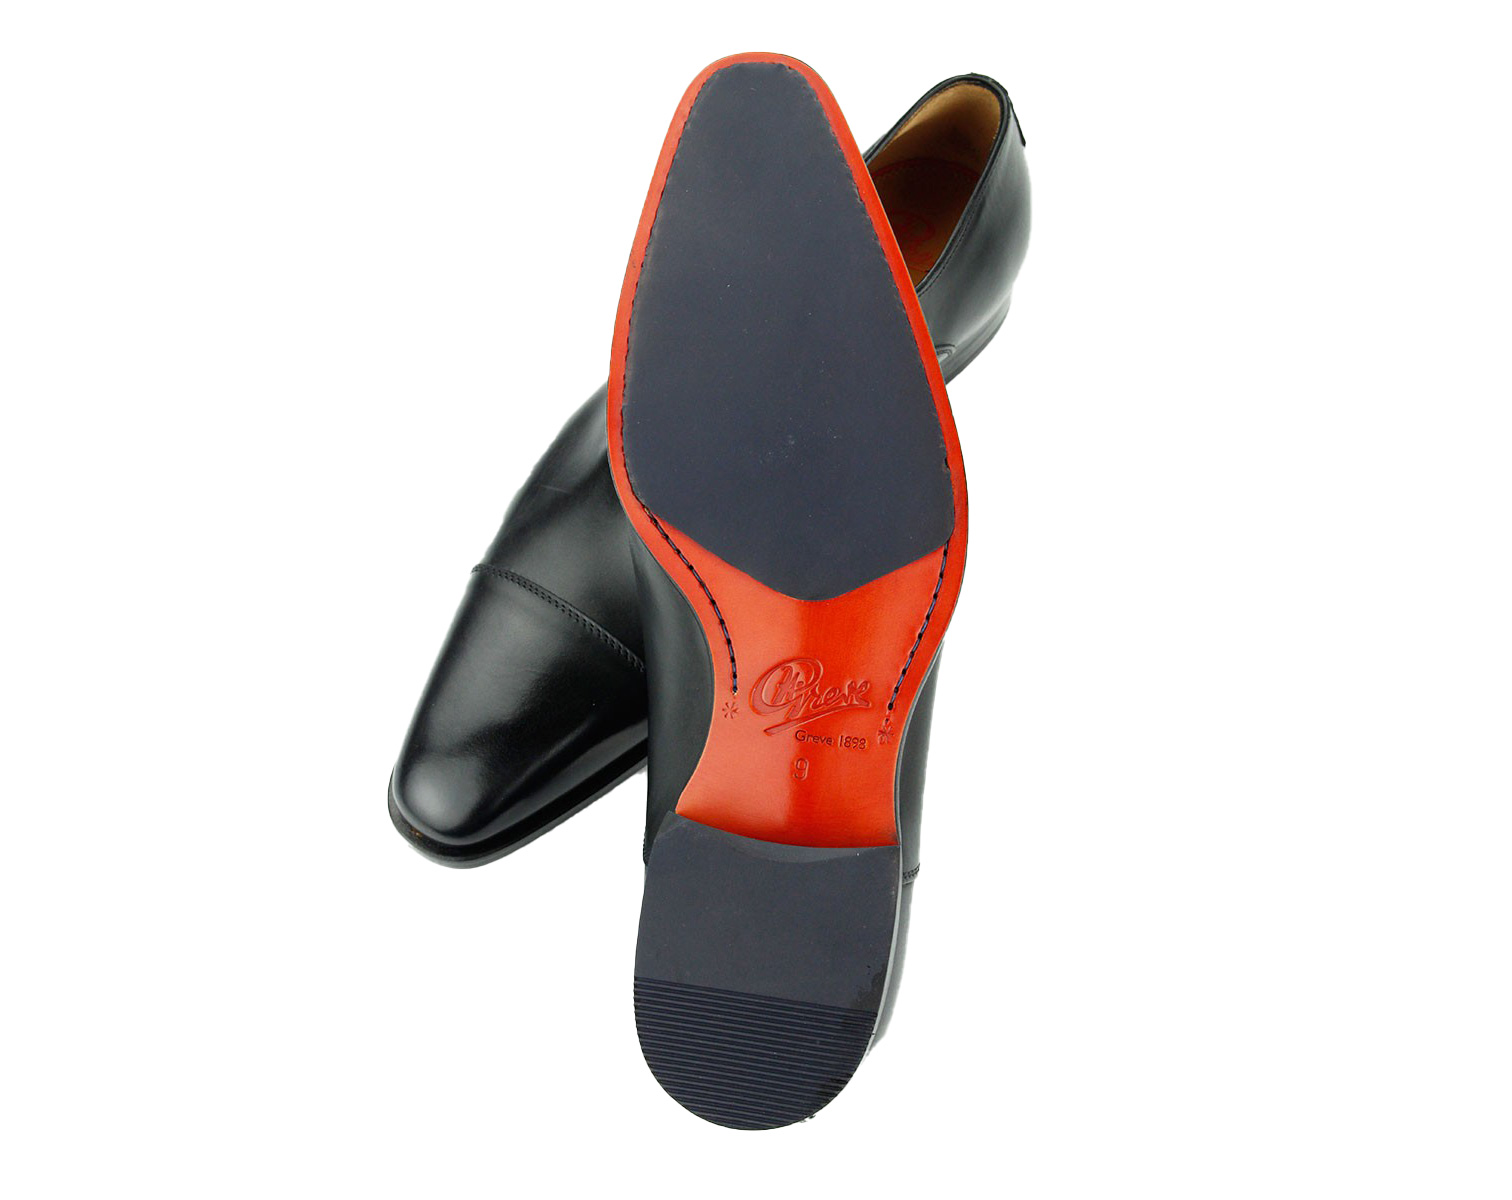 Greve schoenen met historie | Being There herenkleding